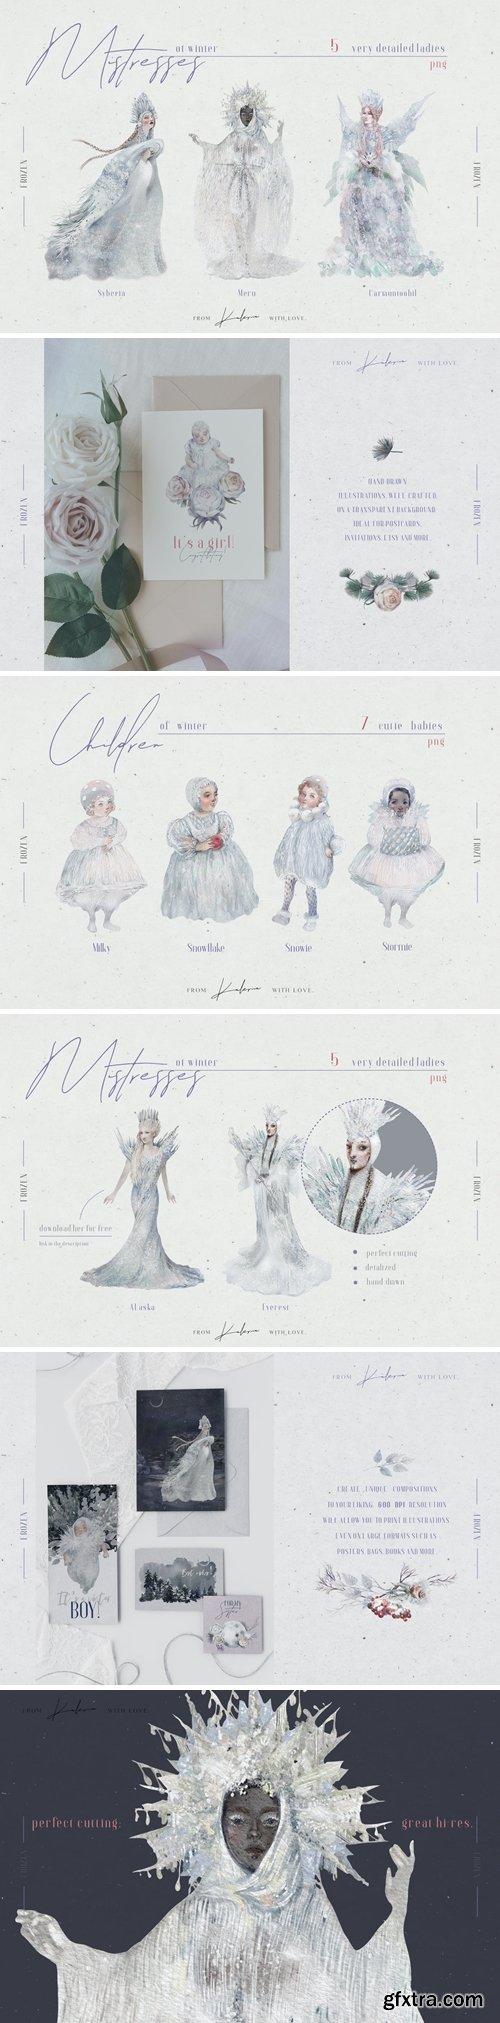 Winter ladies - watercolor ladies and babies